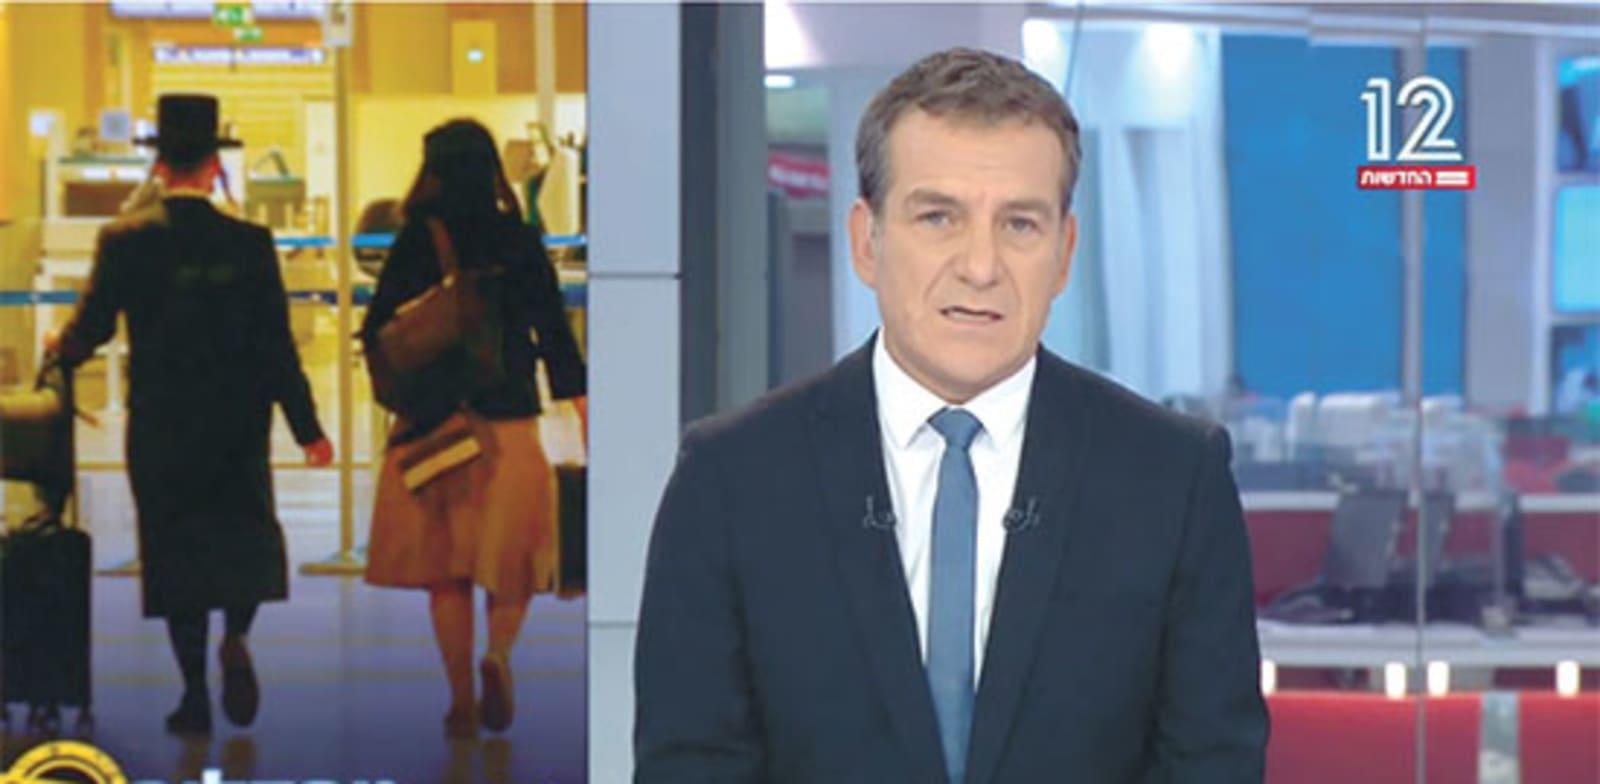 """דני קושמרו ב""""אולפן שישי"""", מציג את התחקיר של אילן לוקאץ' / צילום: משידורי קשת 12"""